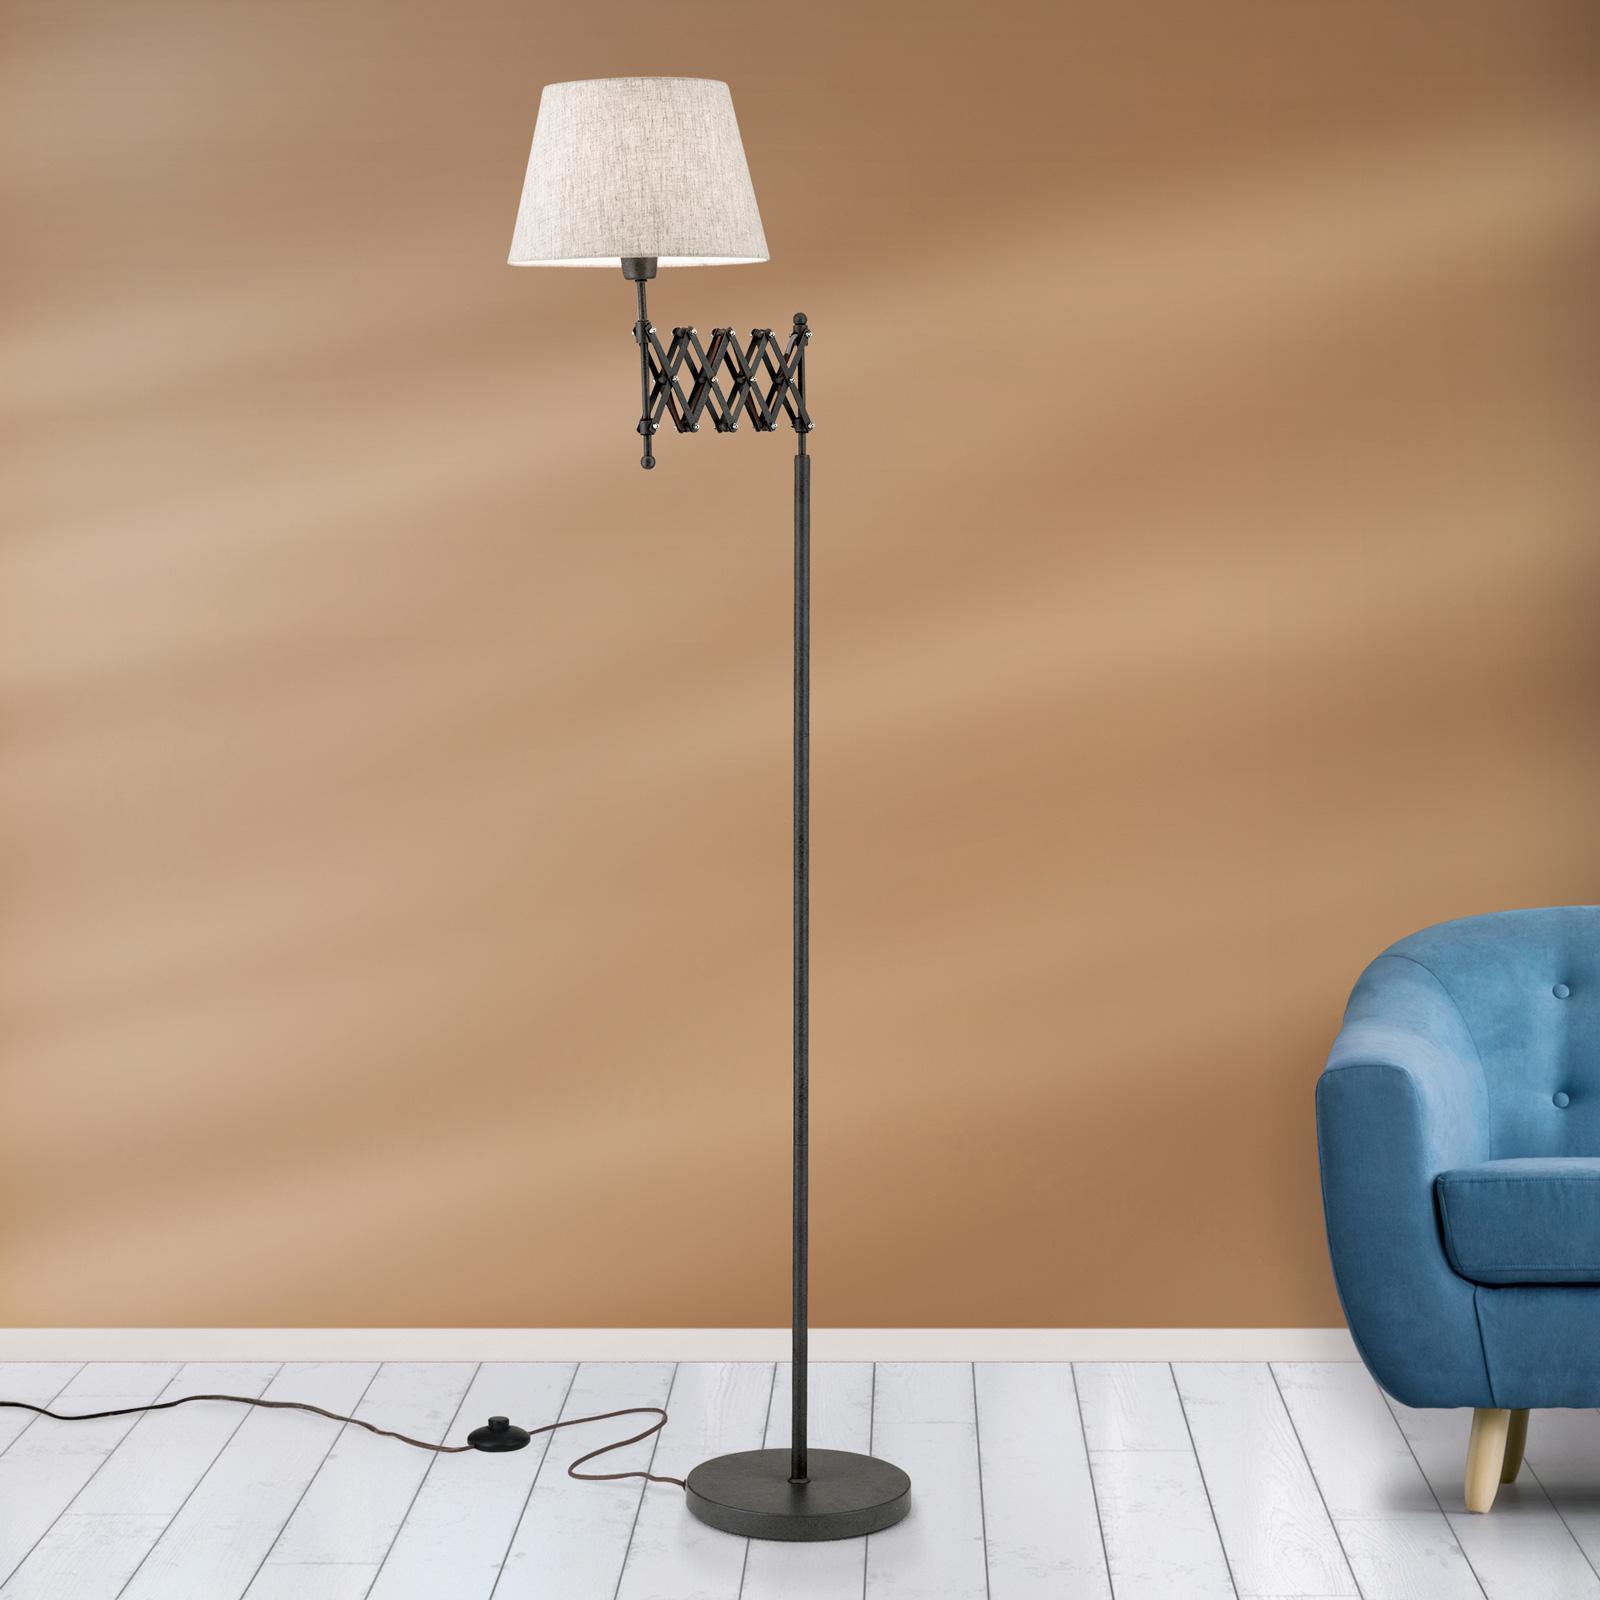 Lampa podłogowa Factory z lnianym kloszem